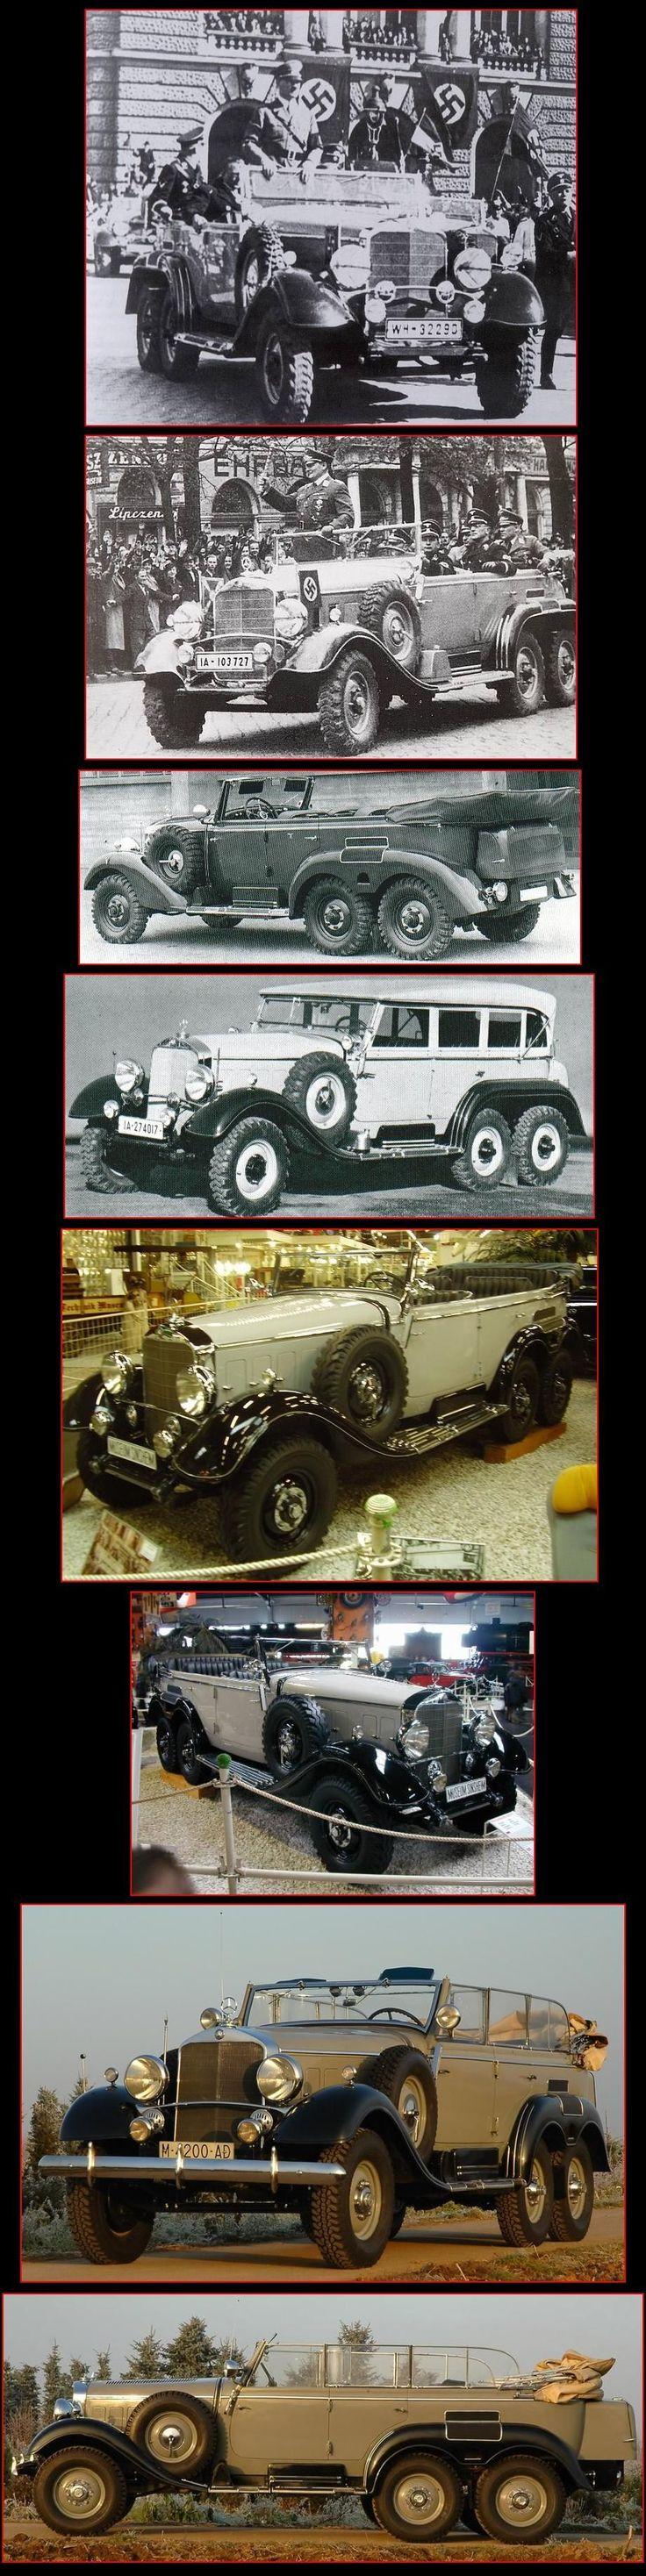 AUTOPASION18 - MERCEDES BENZ G4 (W31) (1938)